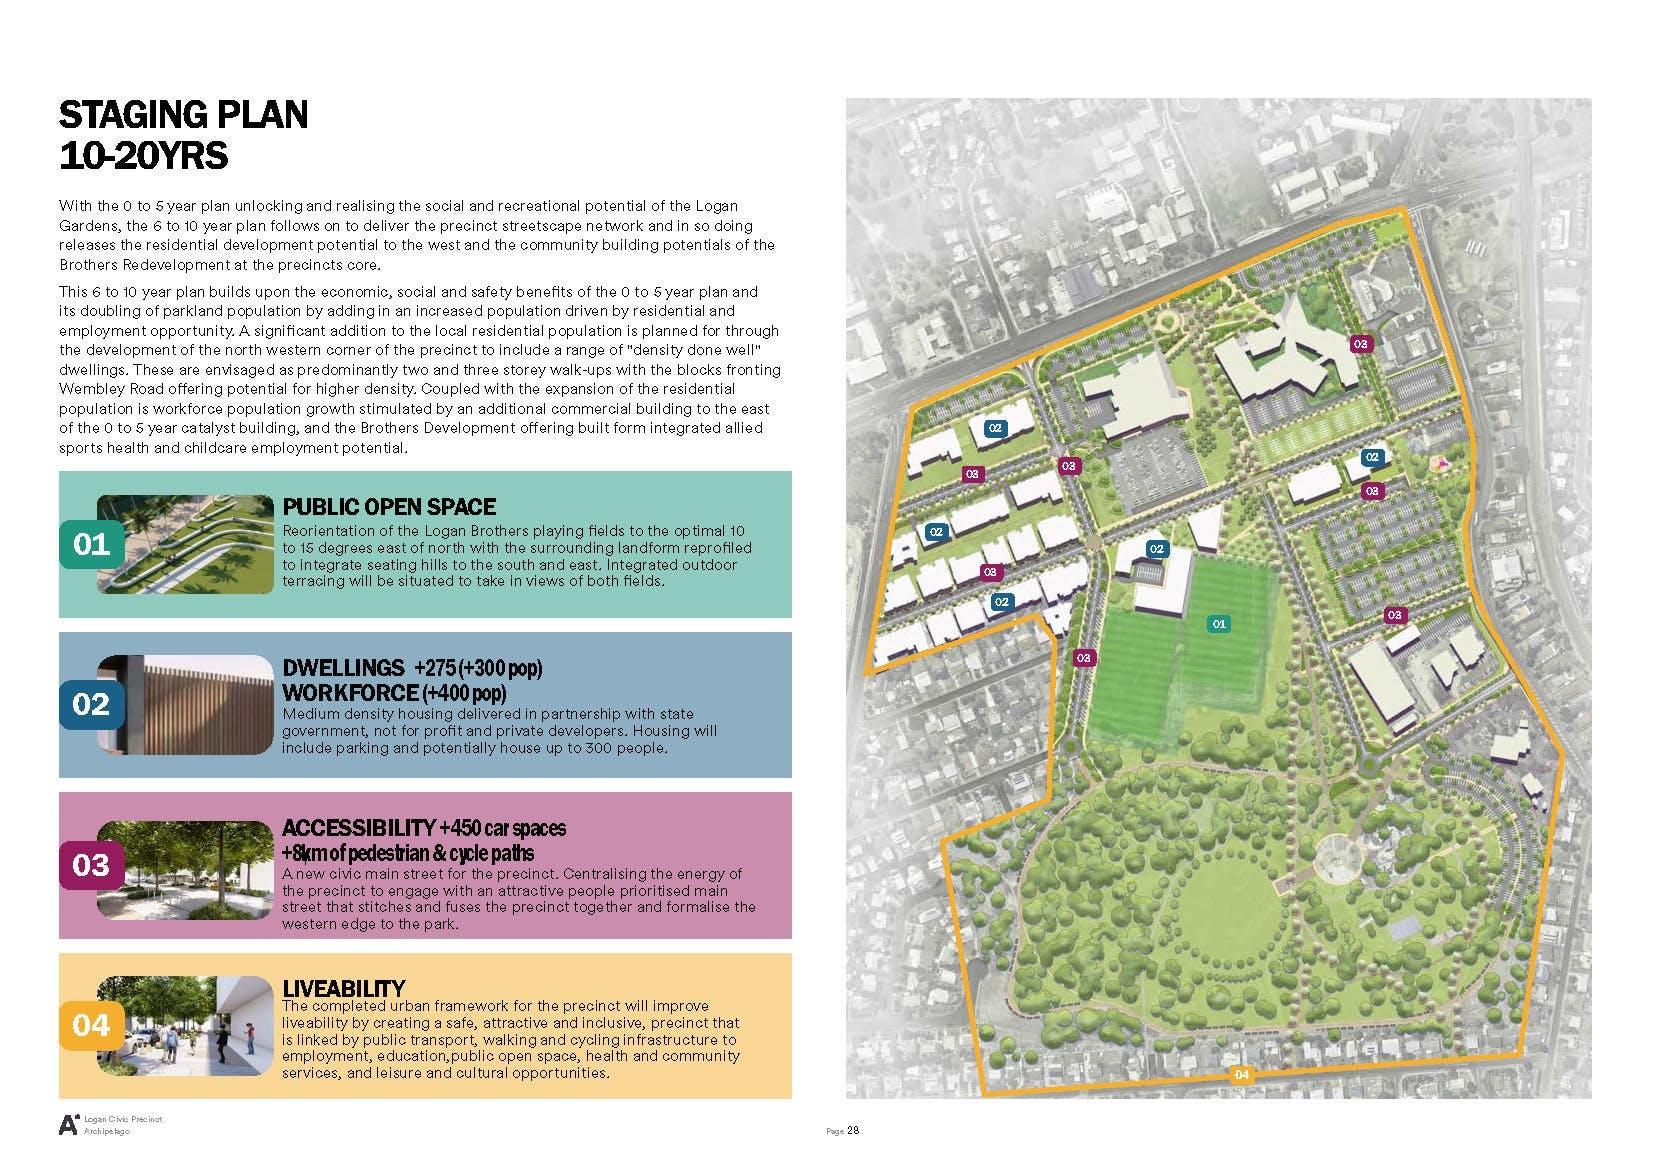 Staging Plan 10-20 Years.jpg